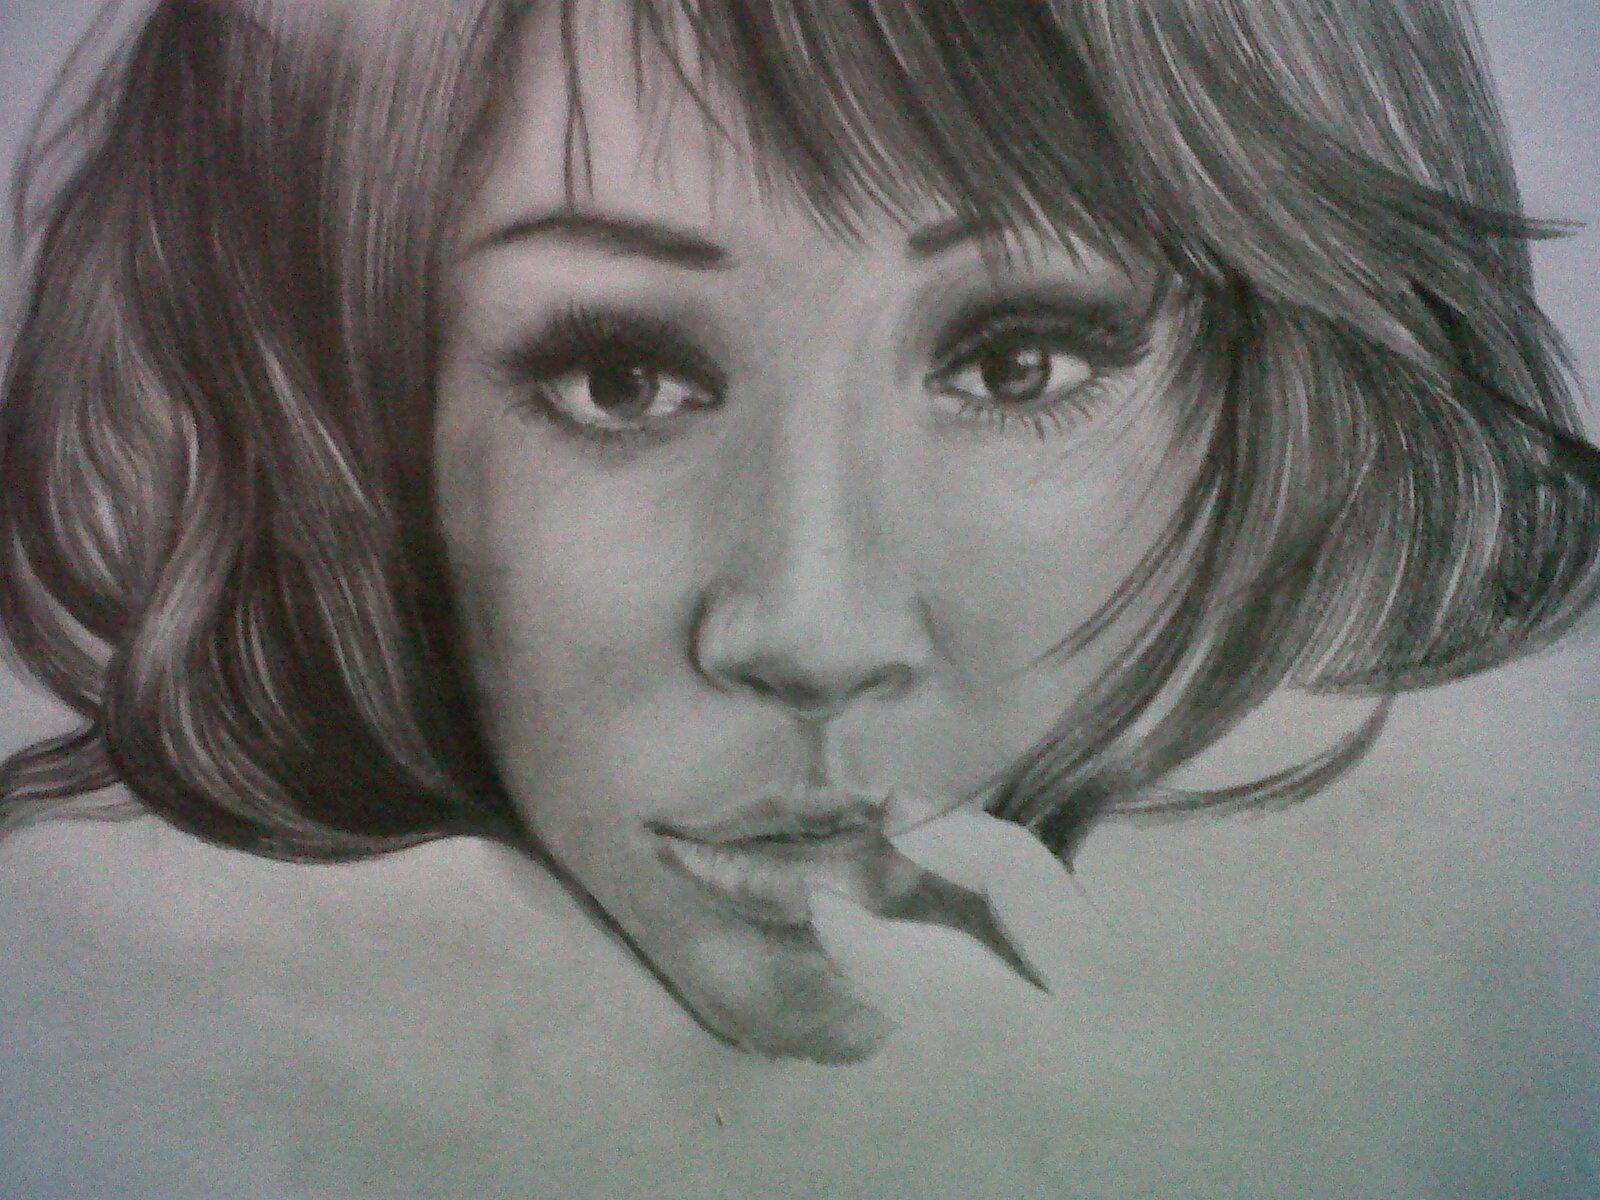 me encanta dibujar y a ti?